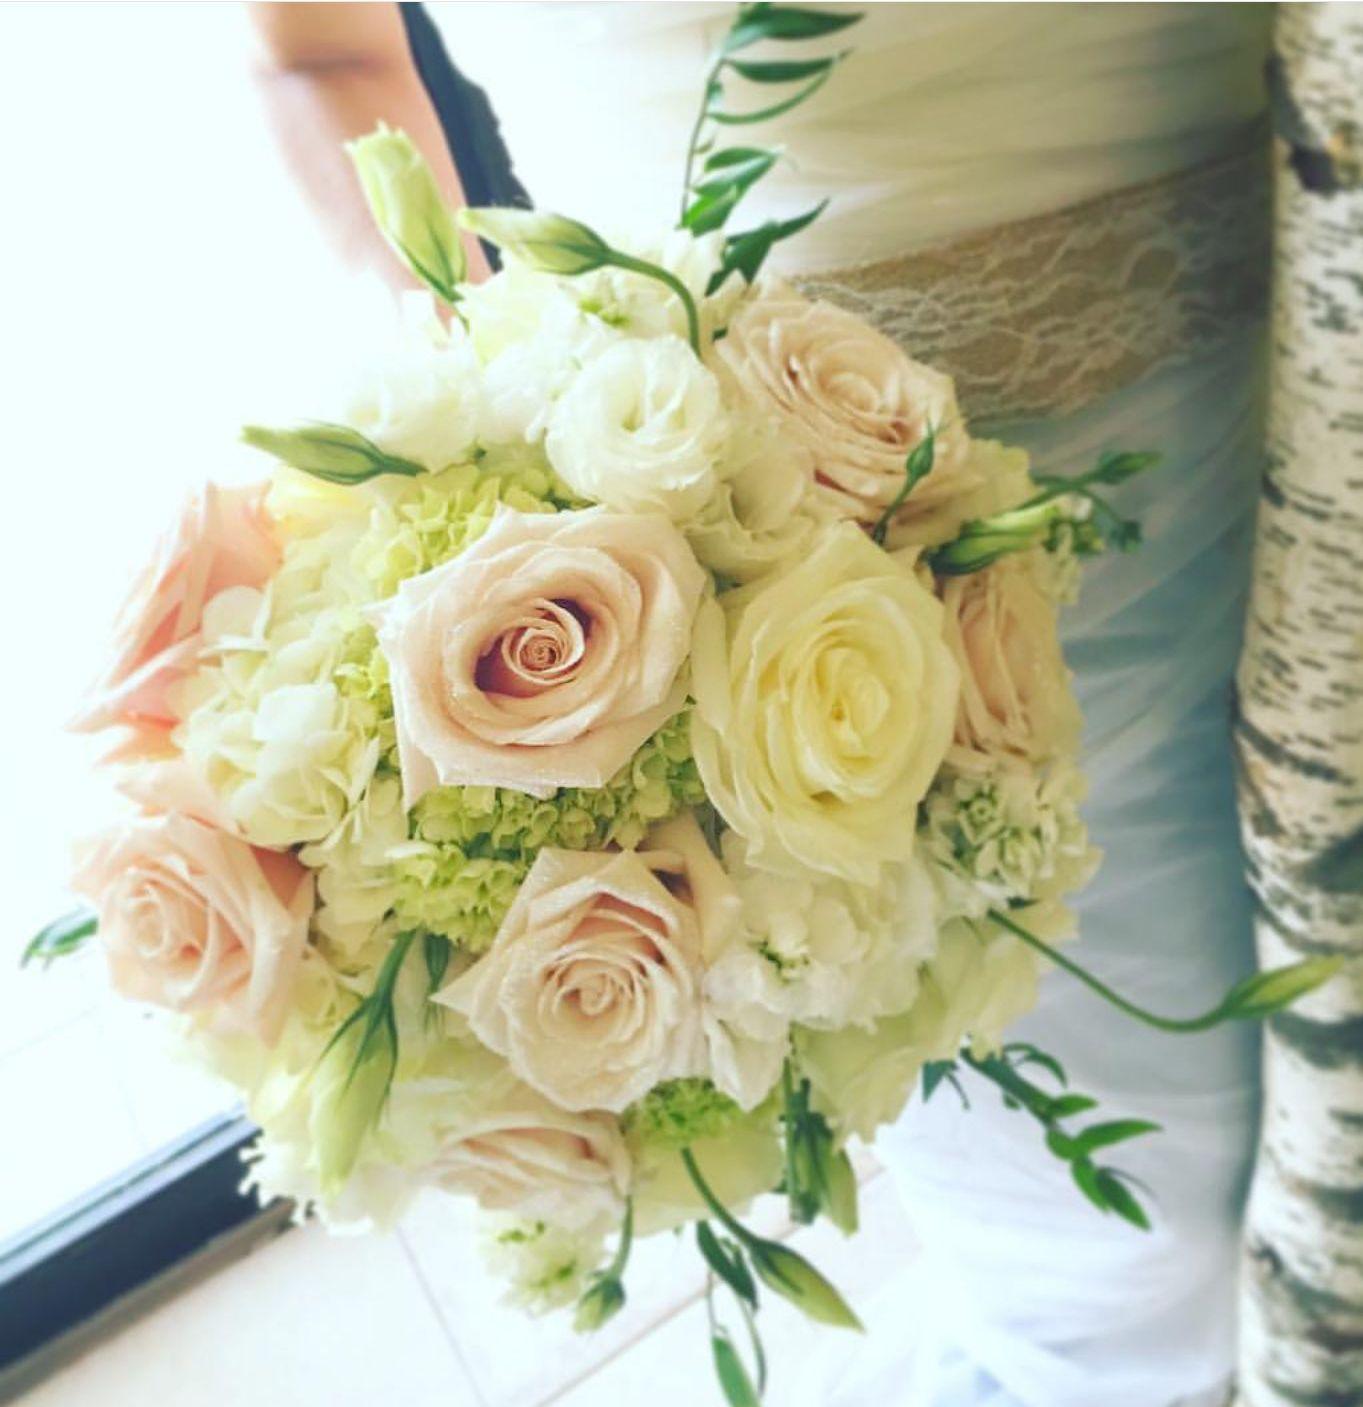 Buquet de rosas blancas y rosas:  de Floristería Contreras